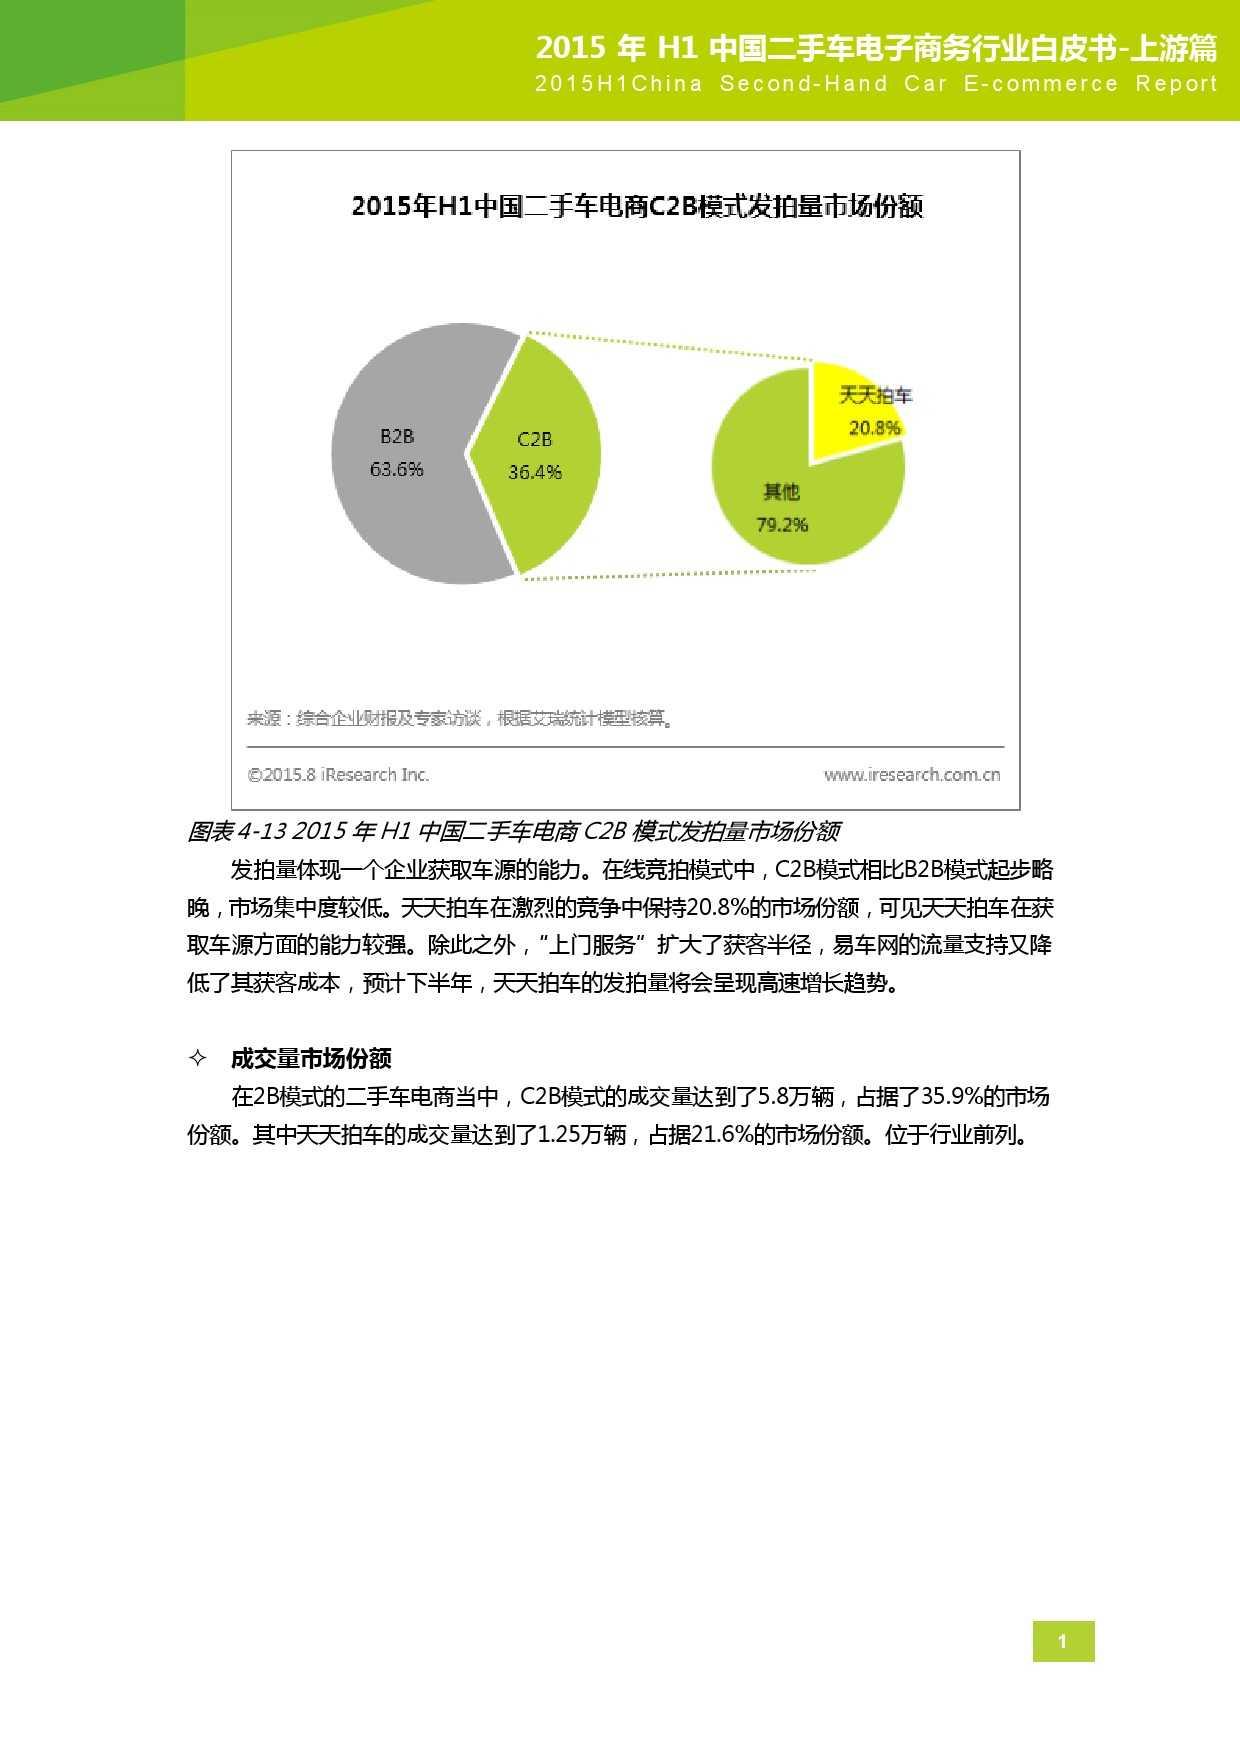 2015年中国二手车电子商务行业白皮书-上游篇_000050